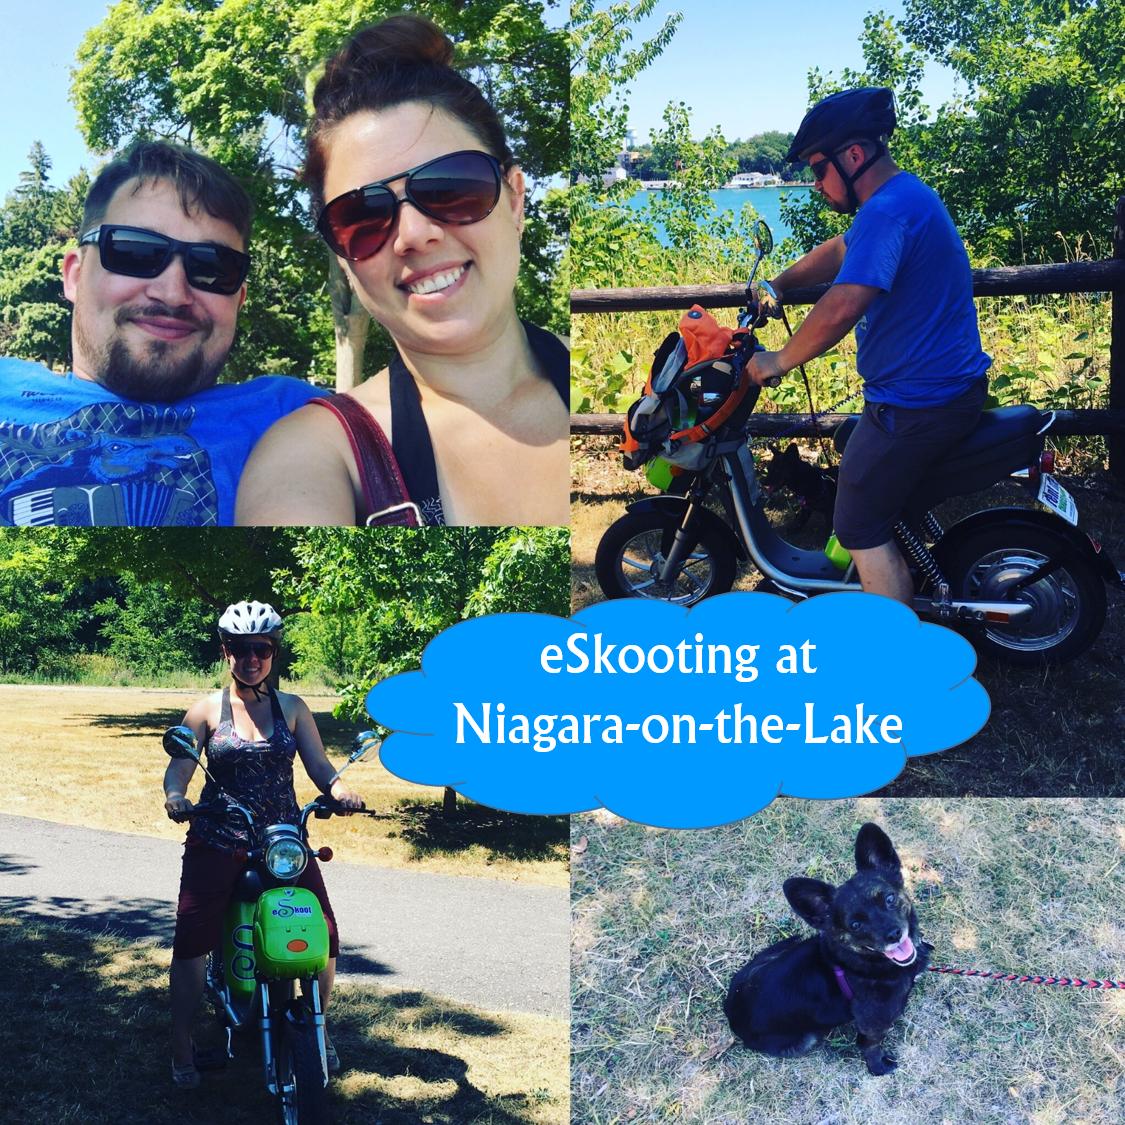 eskoot in niagara on the lake